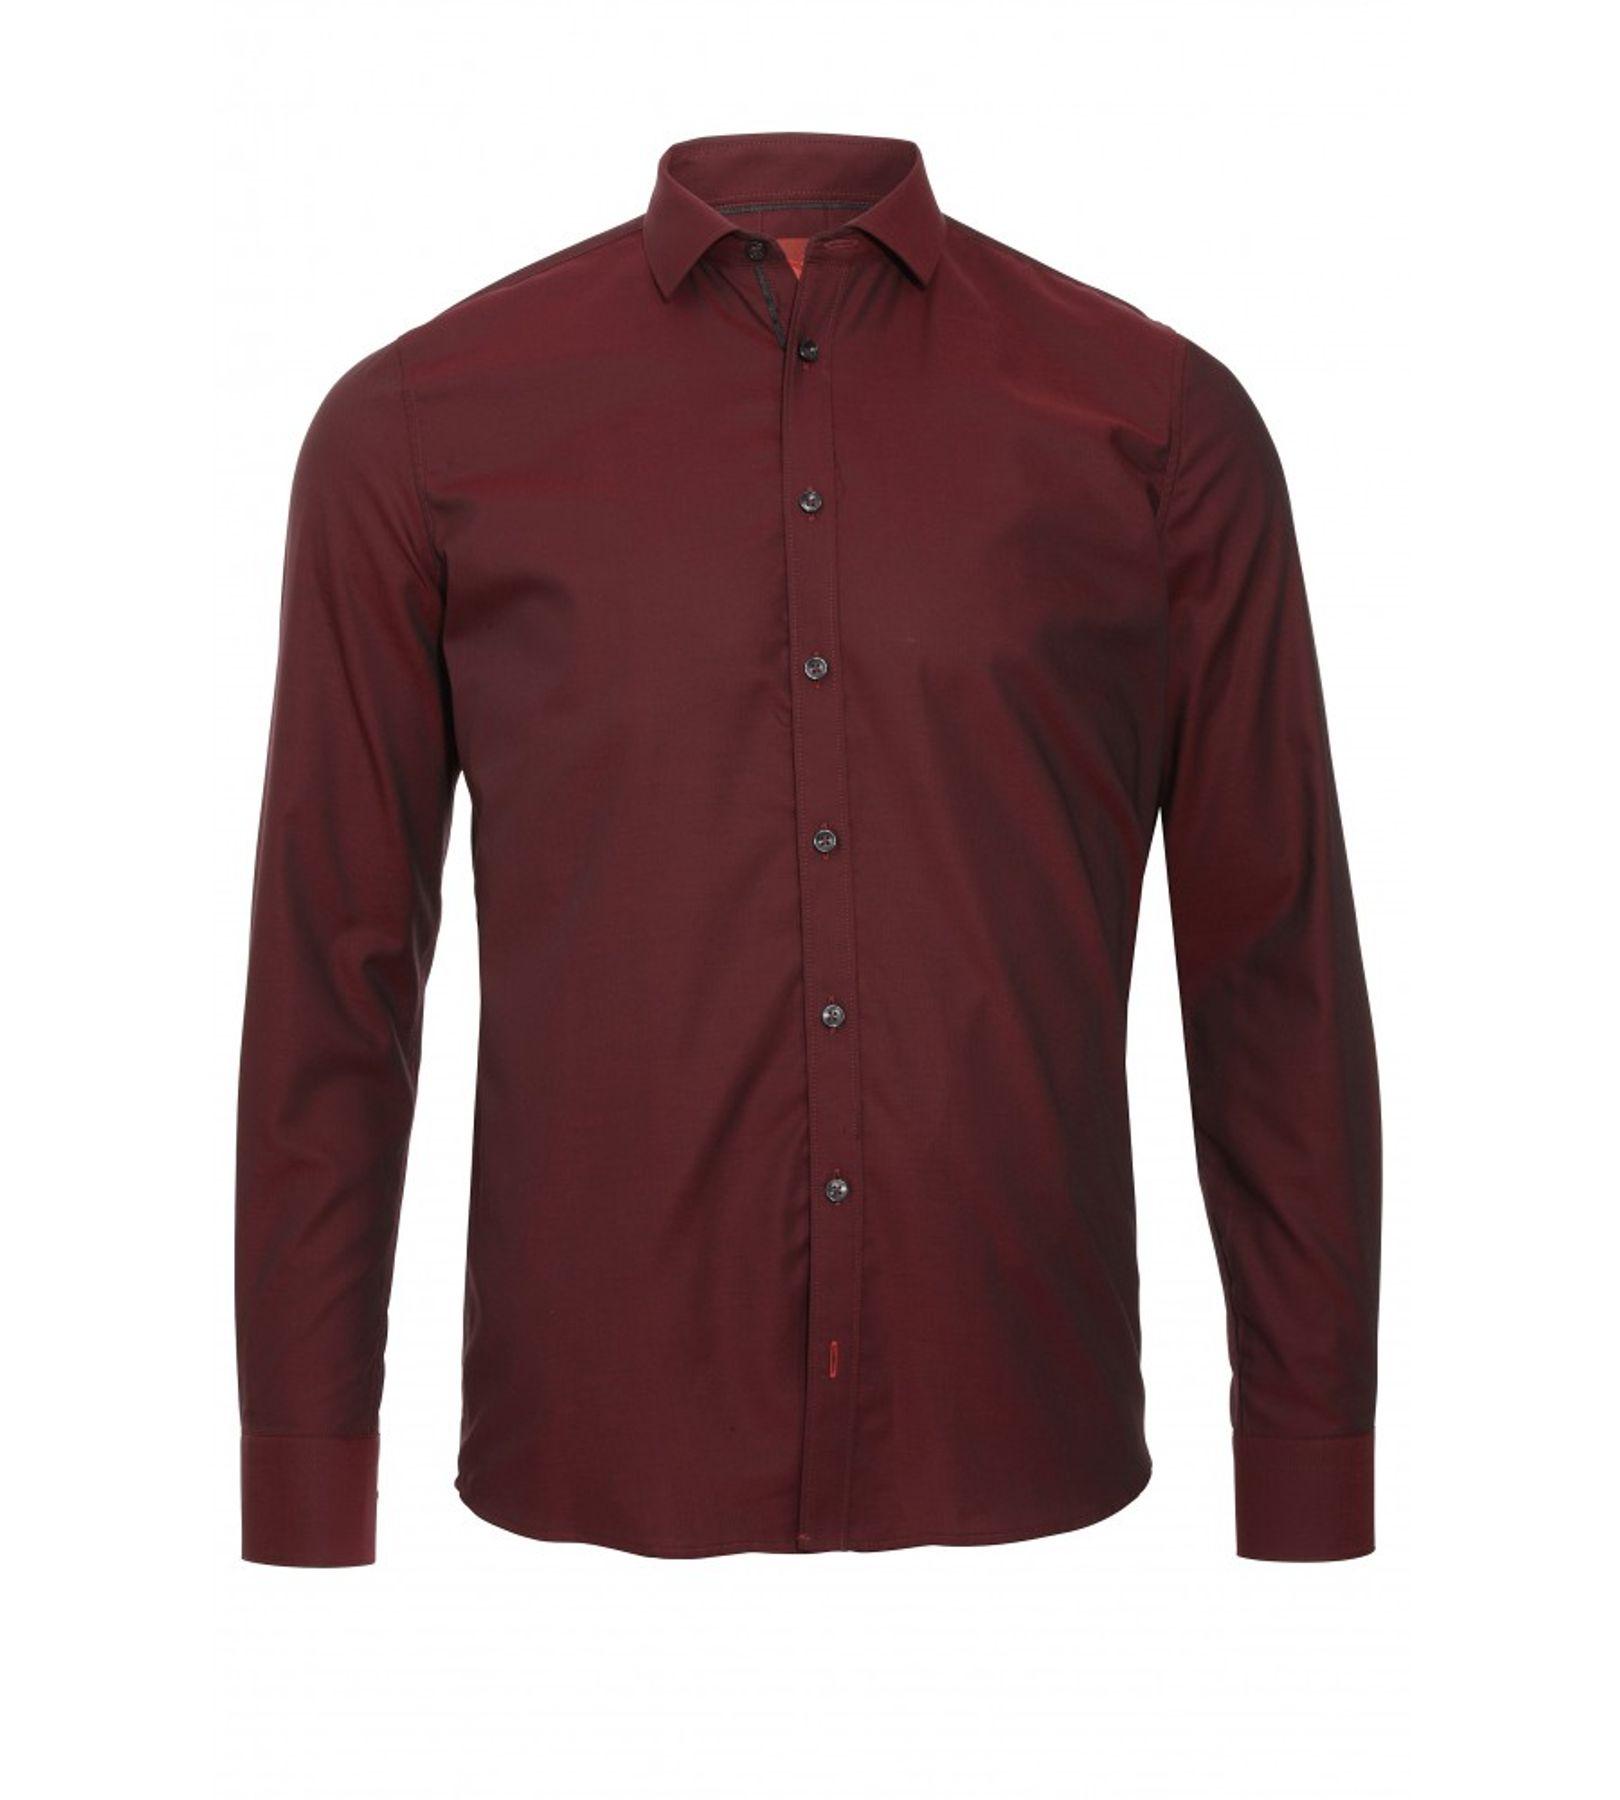 Pure - Slim Fit - Herren Langarm Hemd, verschiedene Farben, XS-XXL (3376-128) – Bild 9